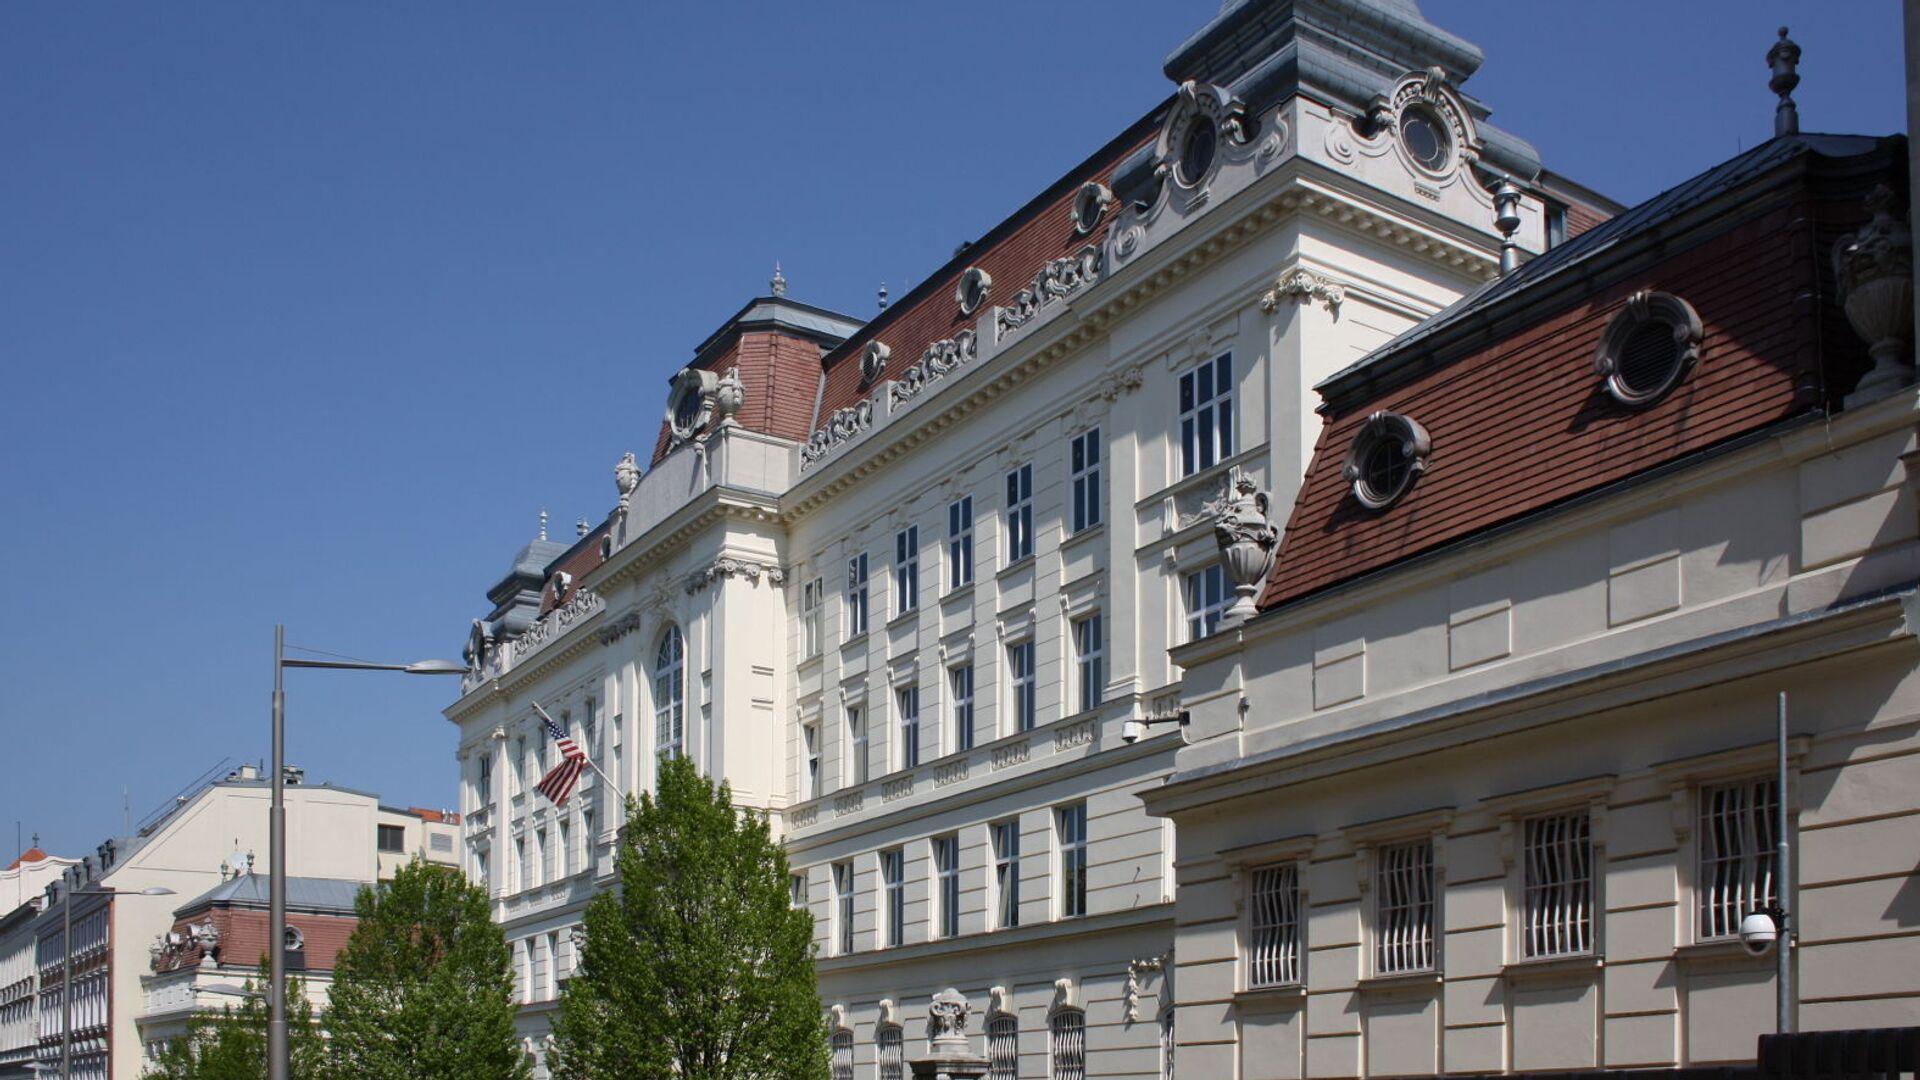 Budova amerického velvyslanectví ve Vídni, Rakousko - Sputnik Česká republika, 1920, 17.07.2021